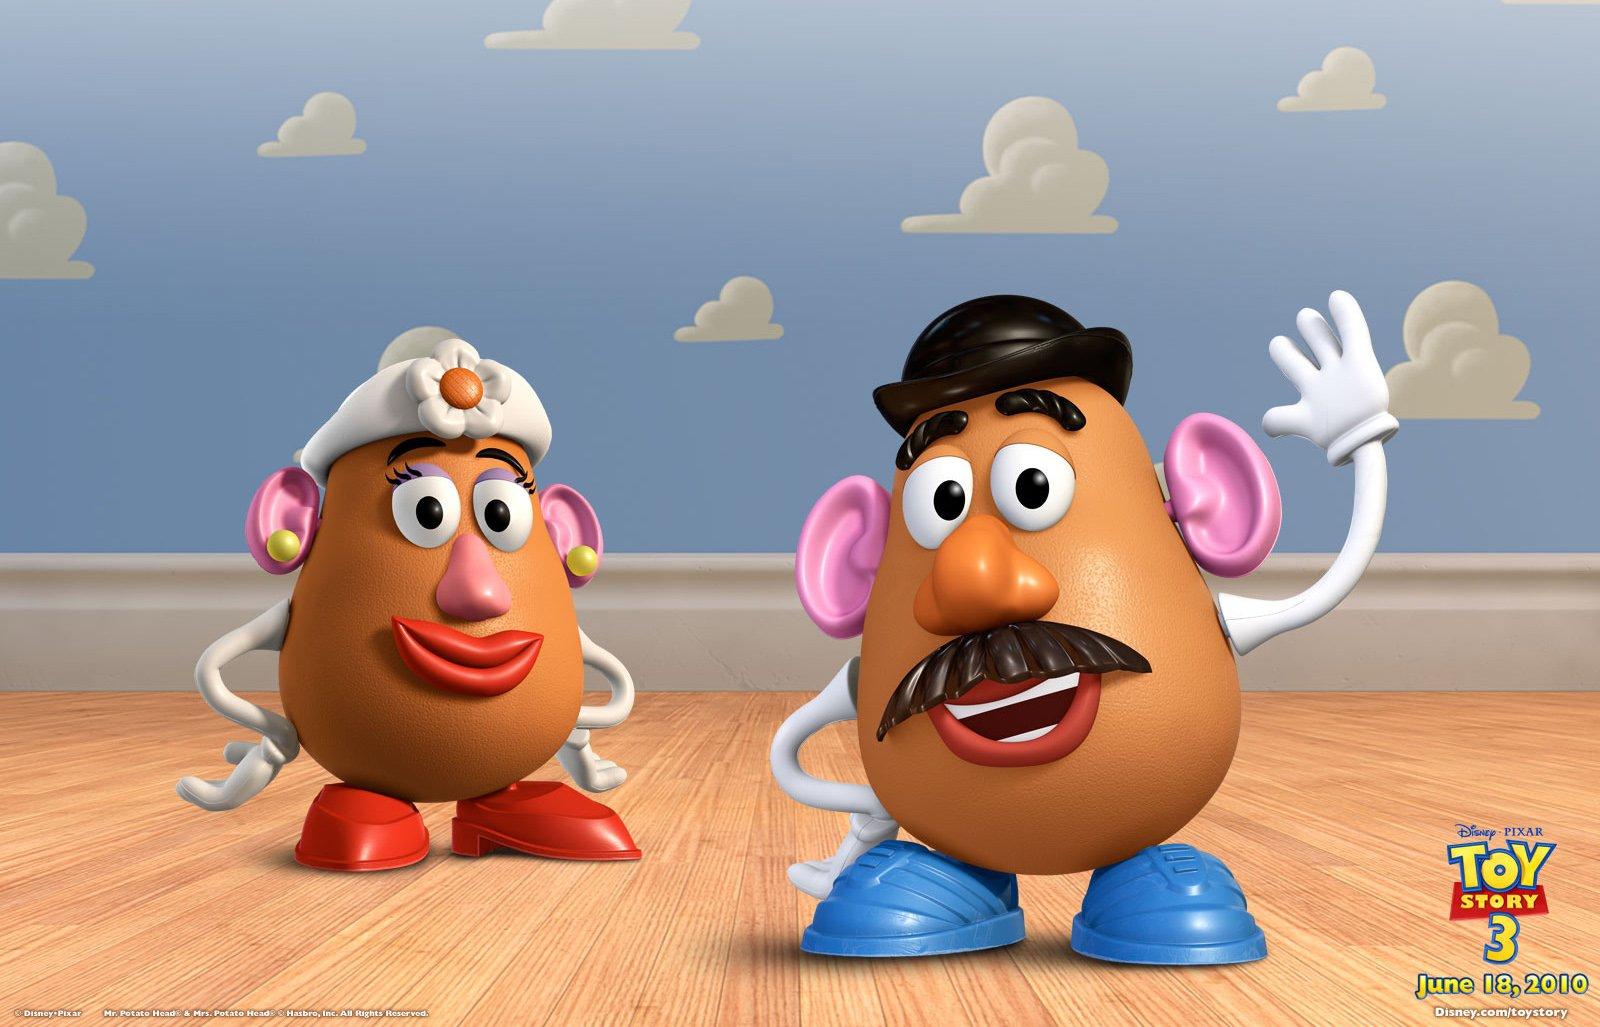 """Fim do """"Sr. e Sra. Cabeça de Batata"""": brinquedo icônico adota gênero neutro"""